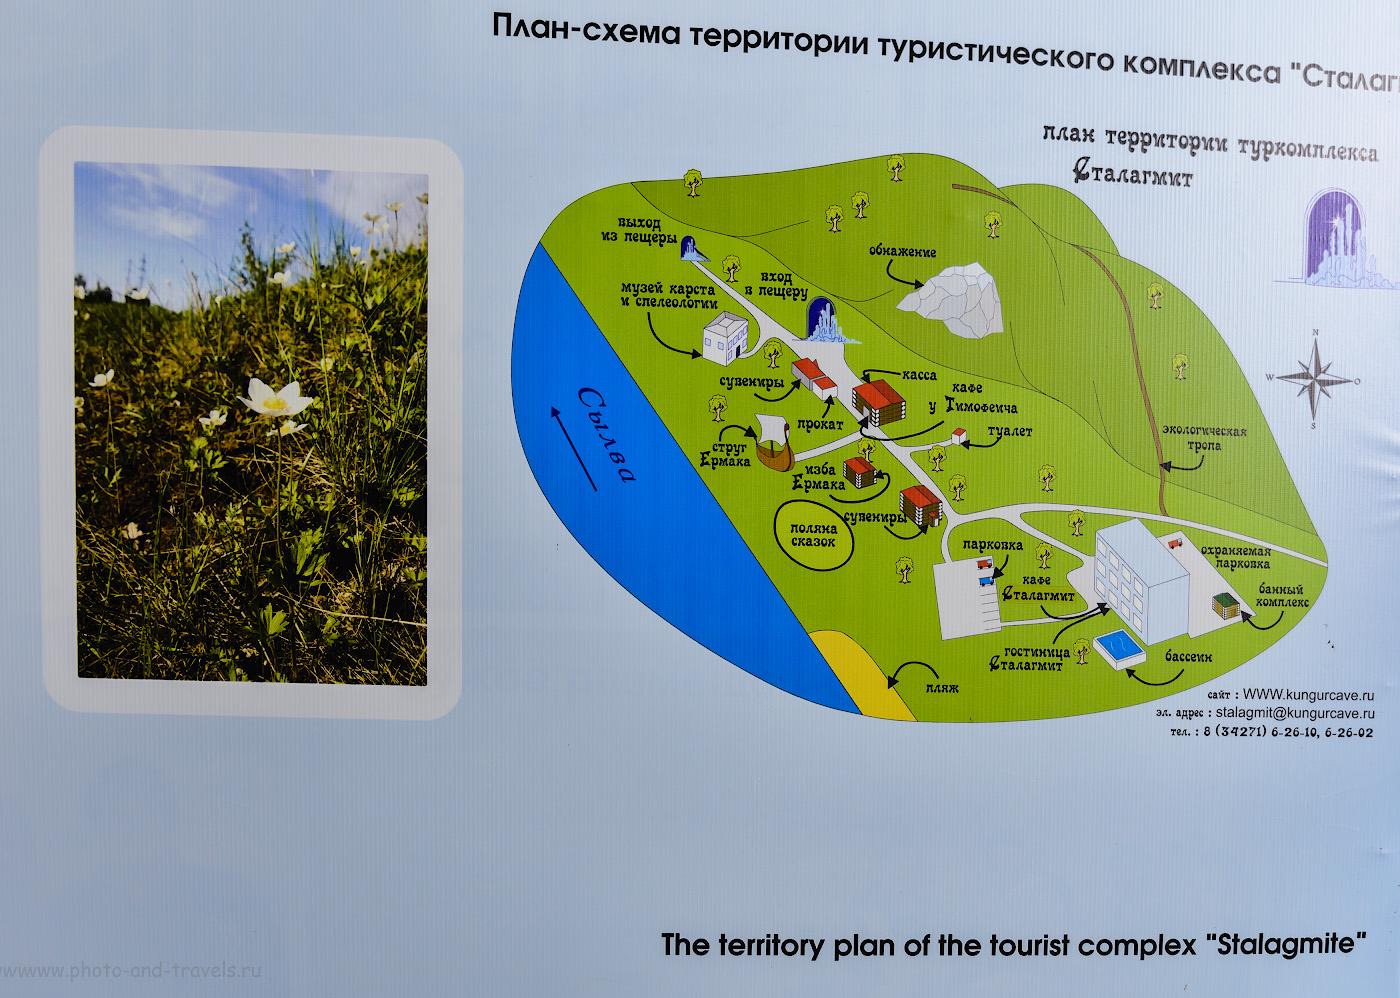 Фото 4. Карта со схемой туристического комплекса «Сталагмит» у входа в Кунгурскую пещеру. ¼, +0.67, 2.8, 320, 31.